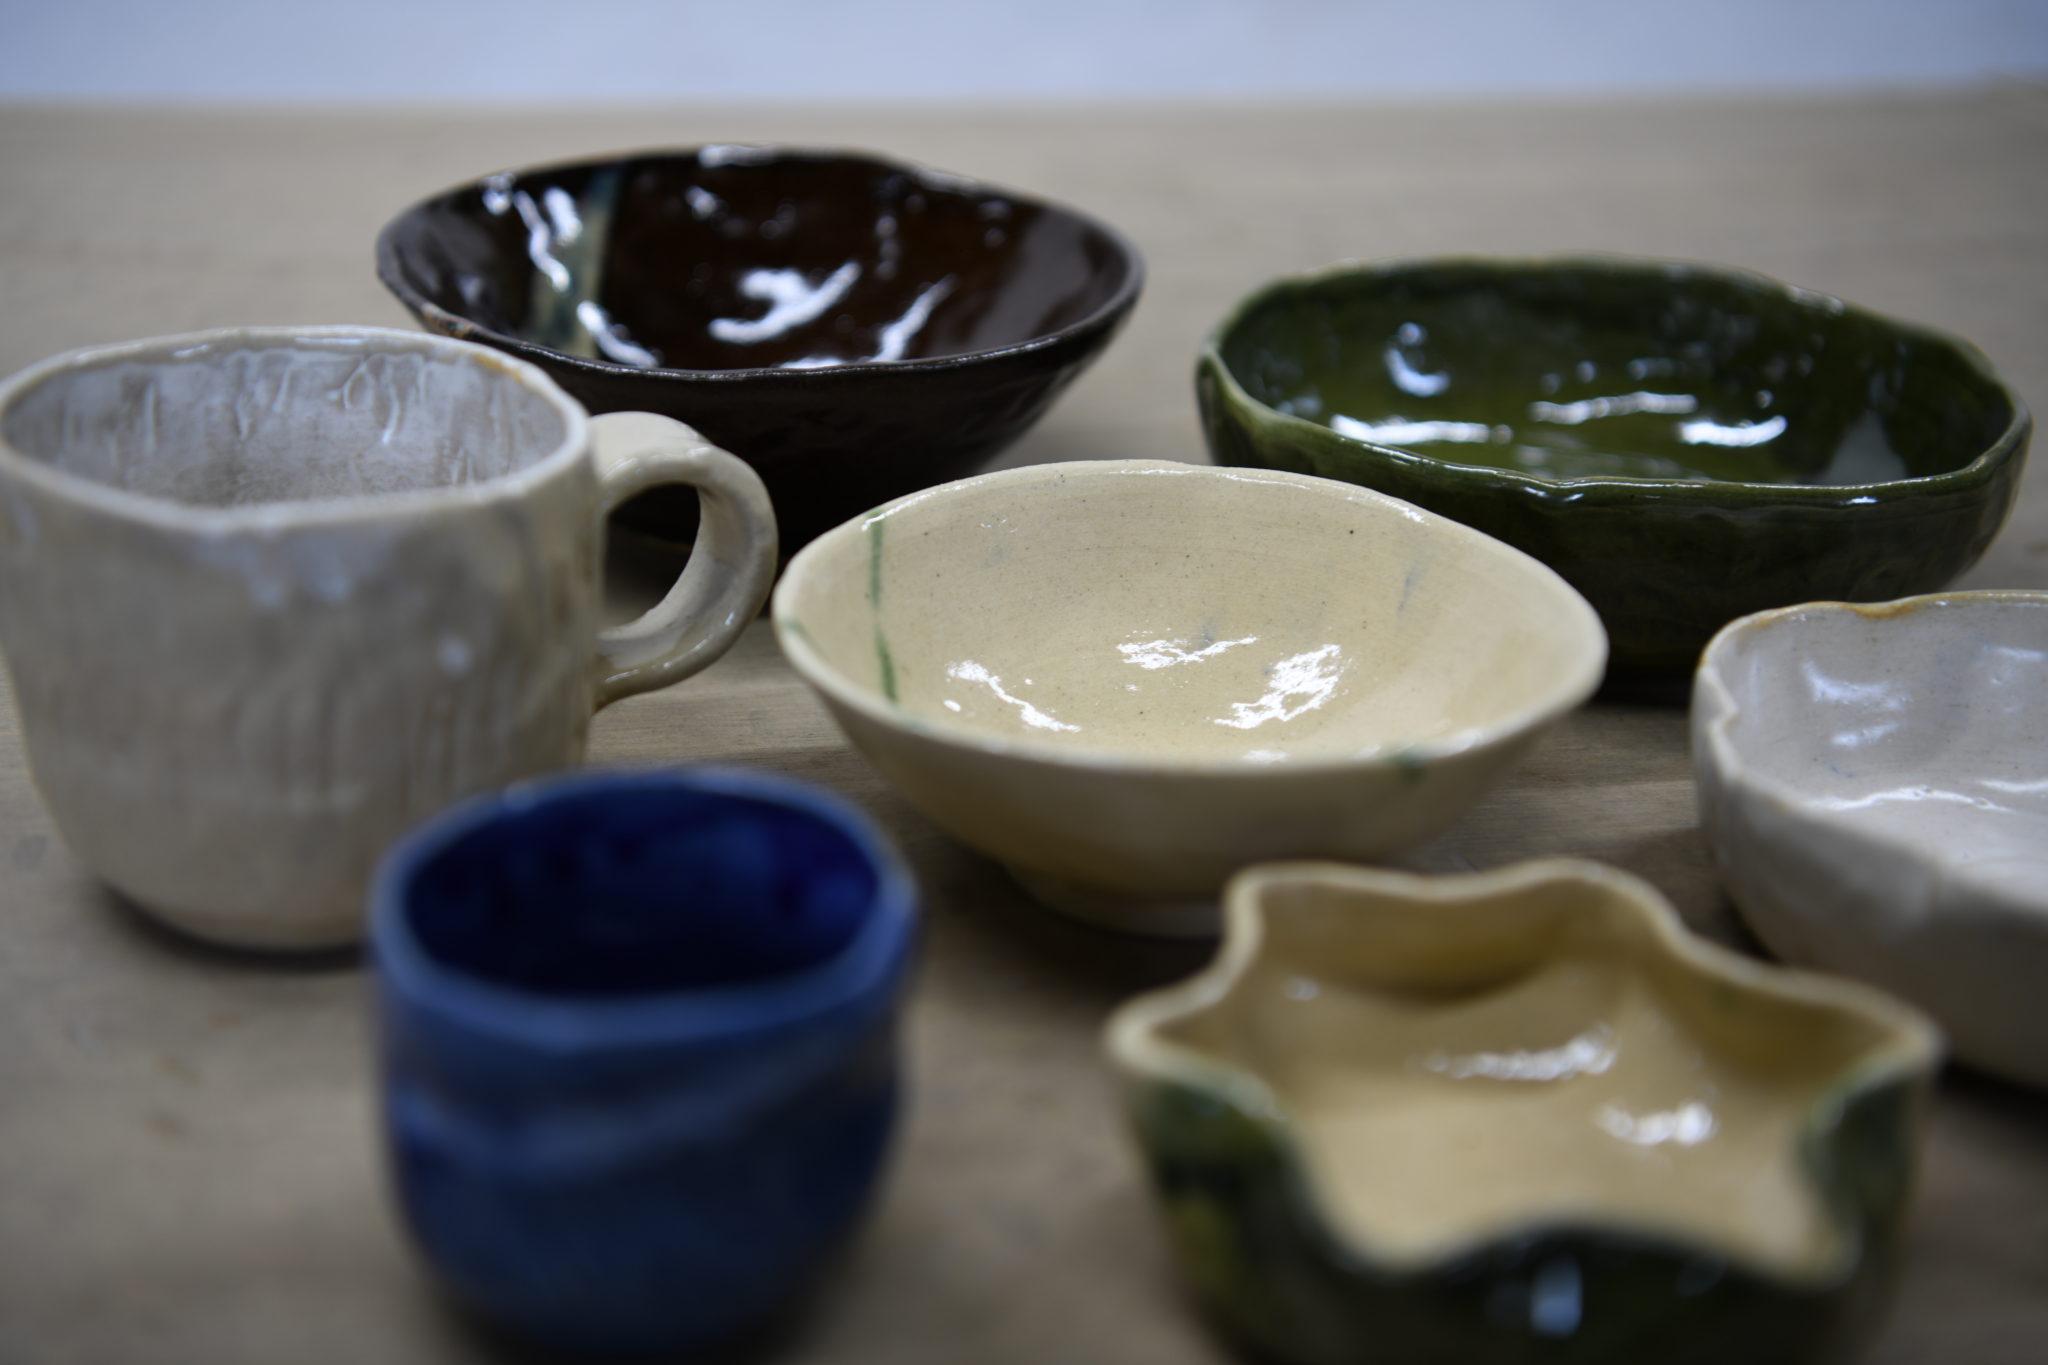 世界でたったひとつの作品をつくってみませんか♡ 手回しろくろでつくる山寺焼体験「ながせ陶房」